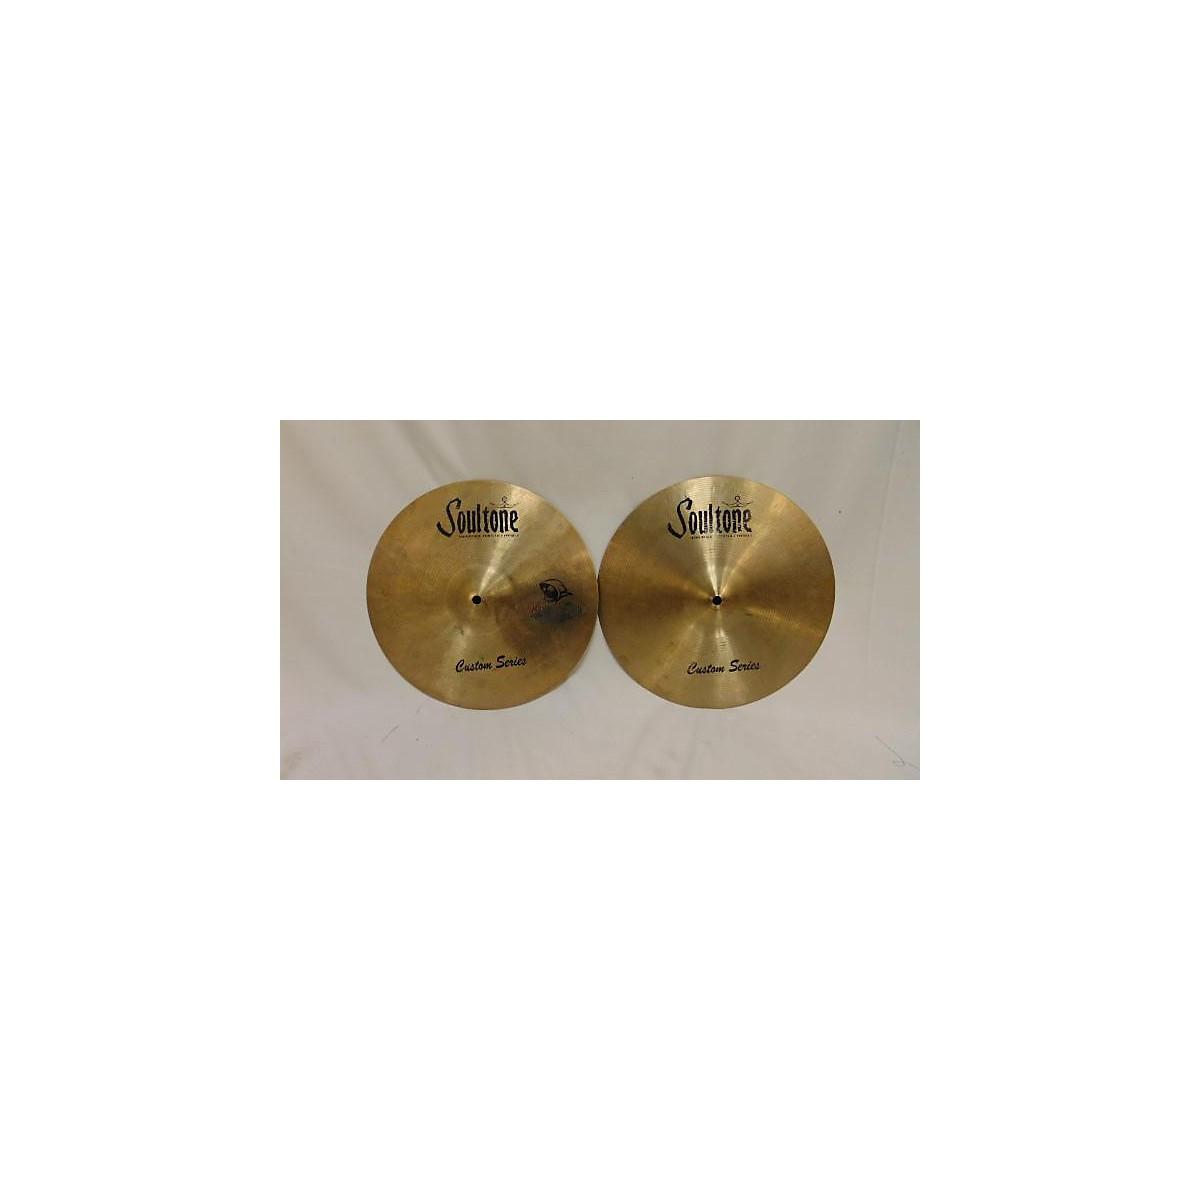 Soultone 14in Custom Series Cymbal